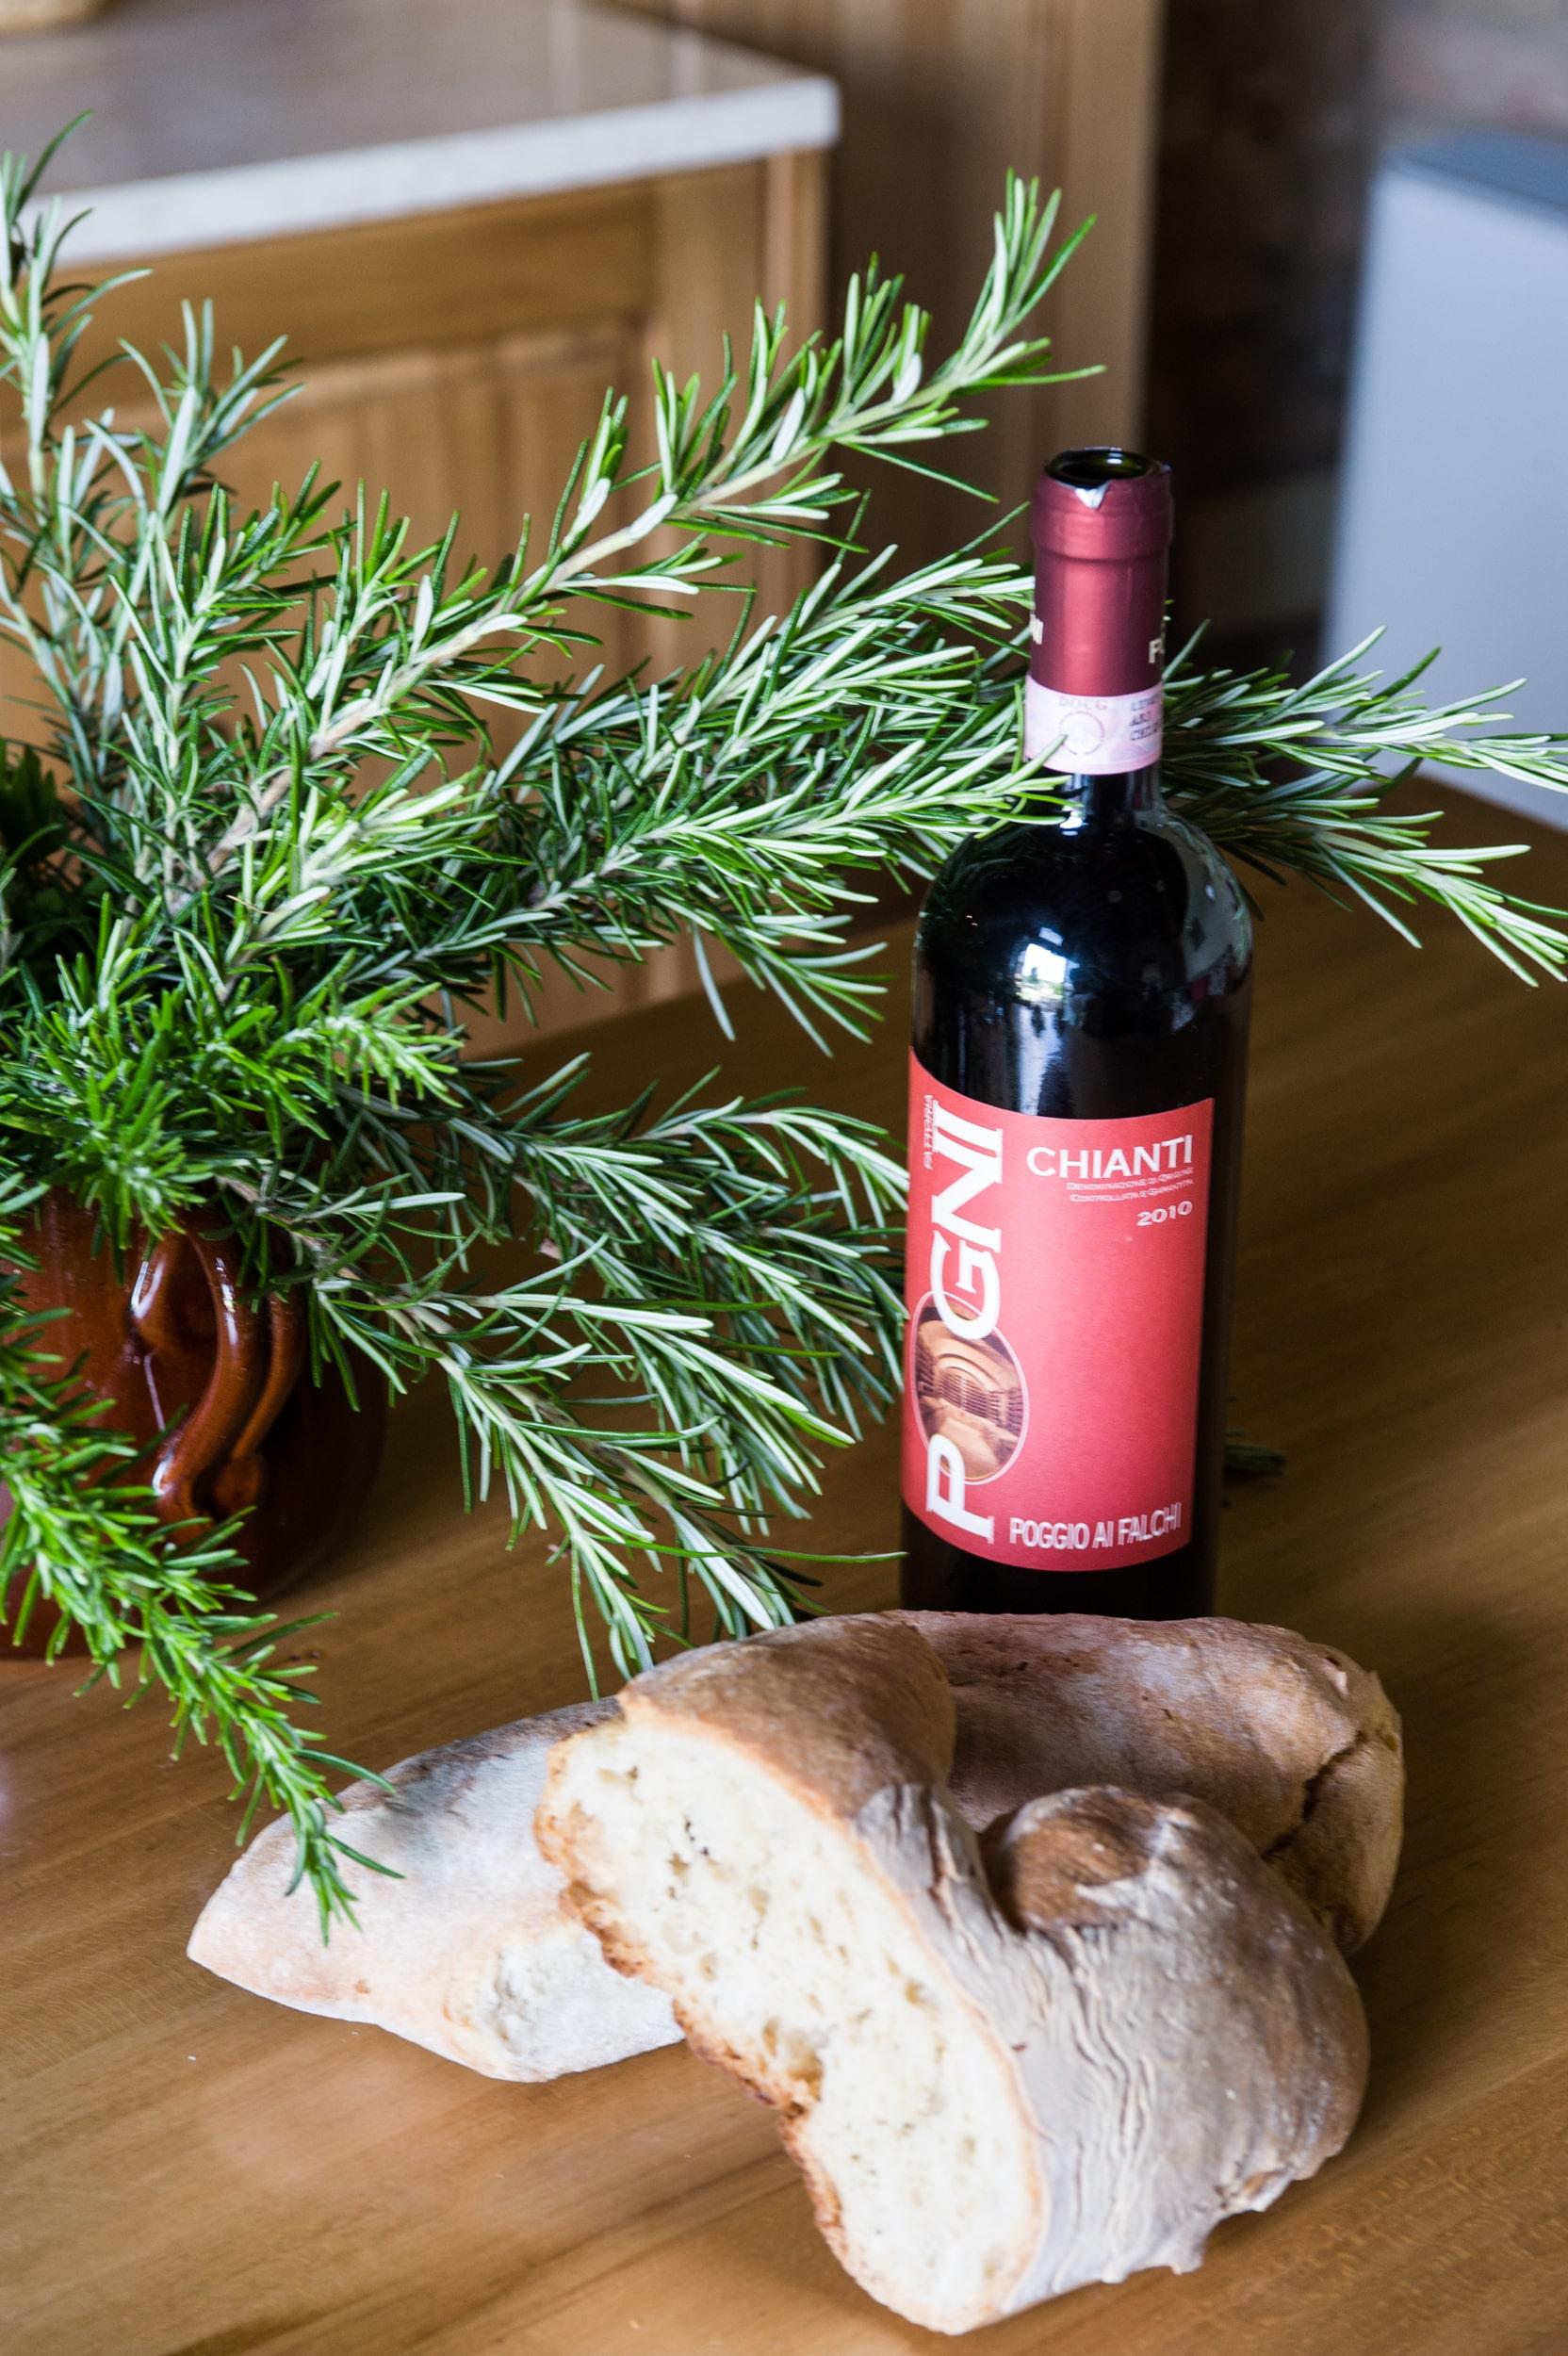 Nappolaio wijn